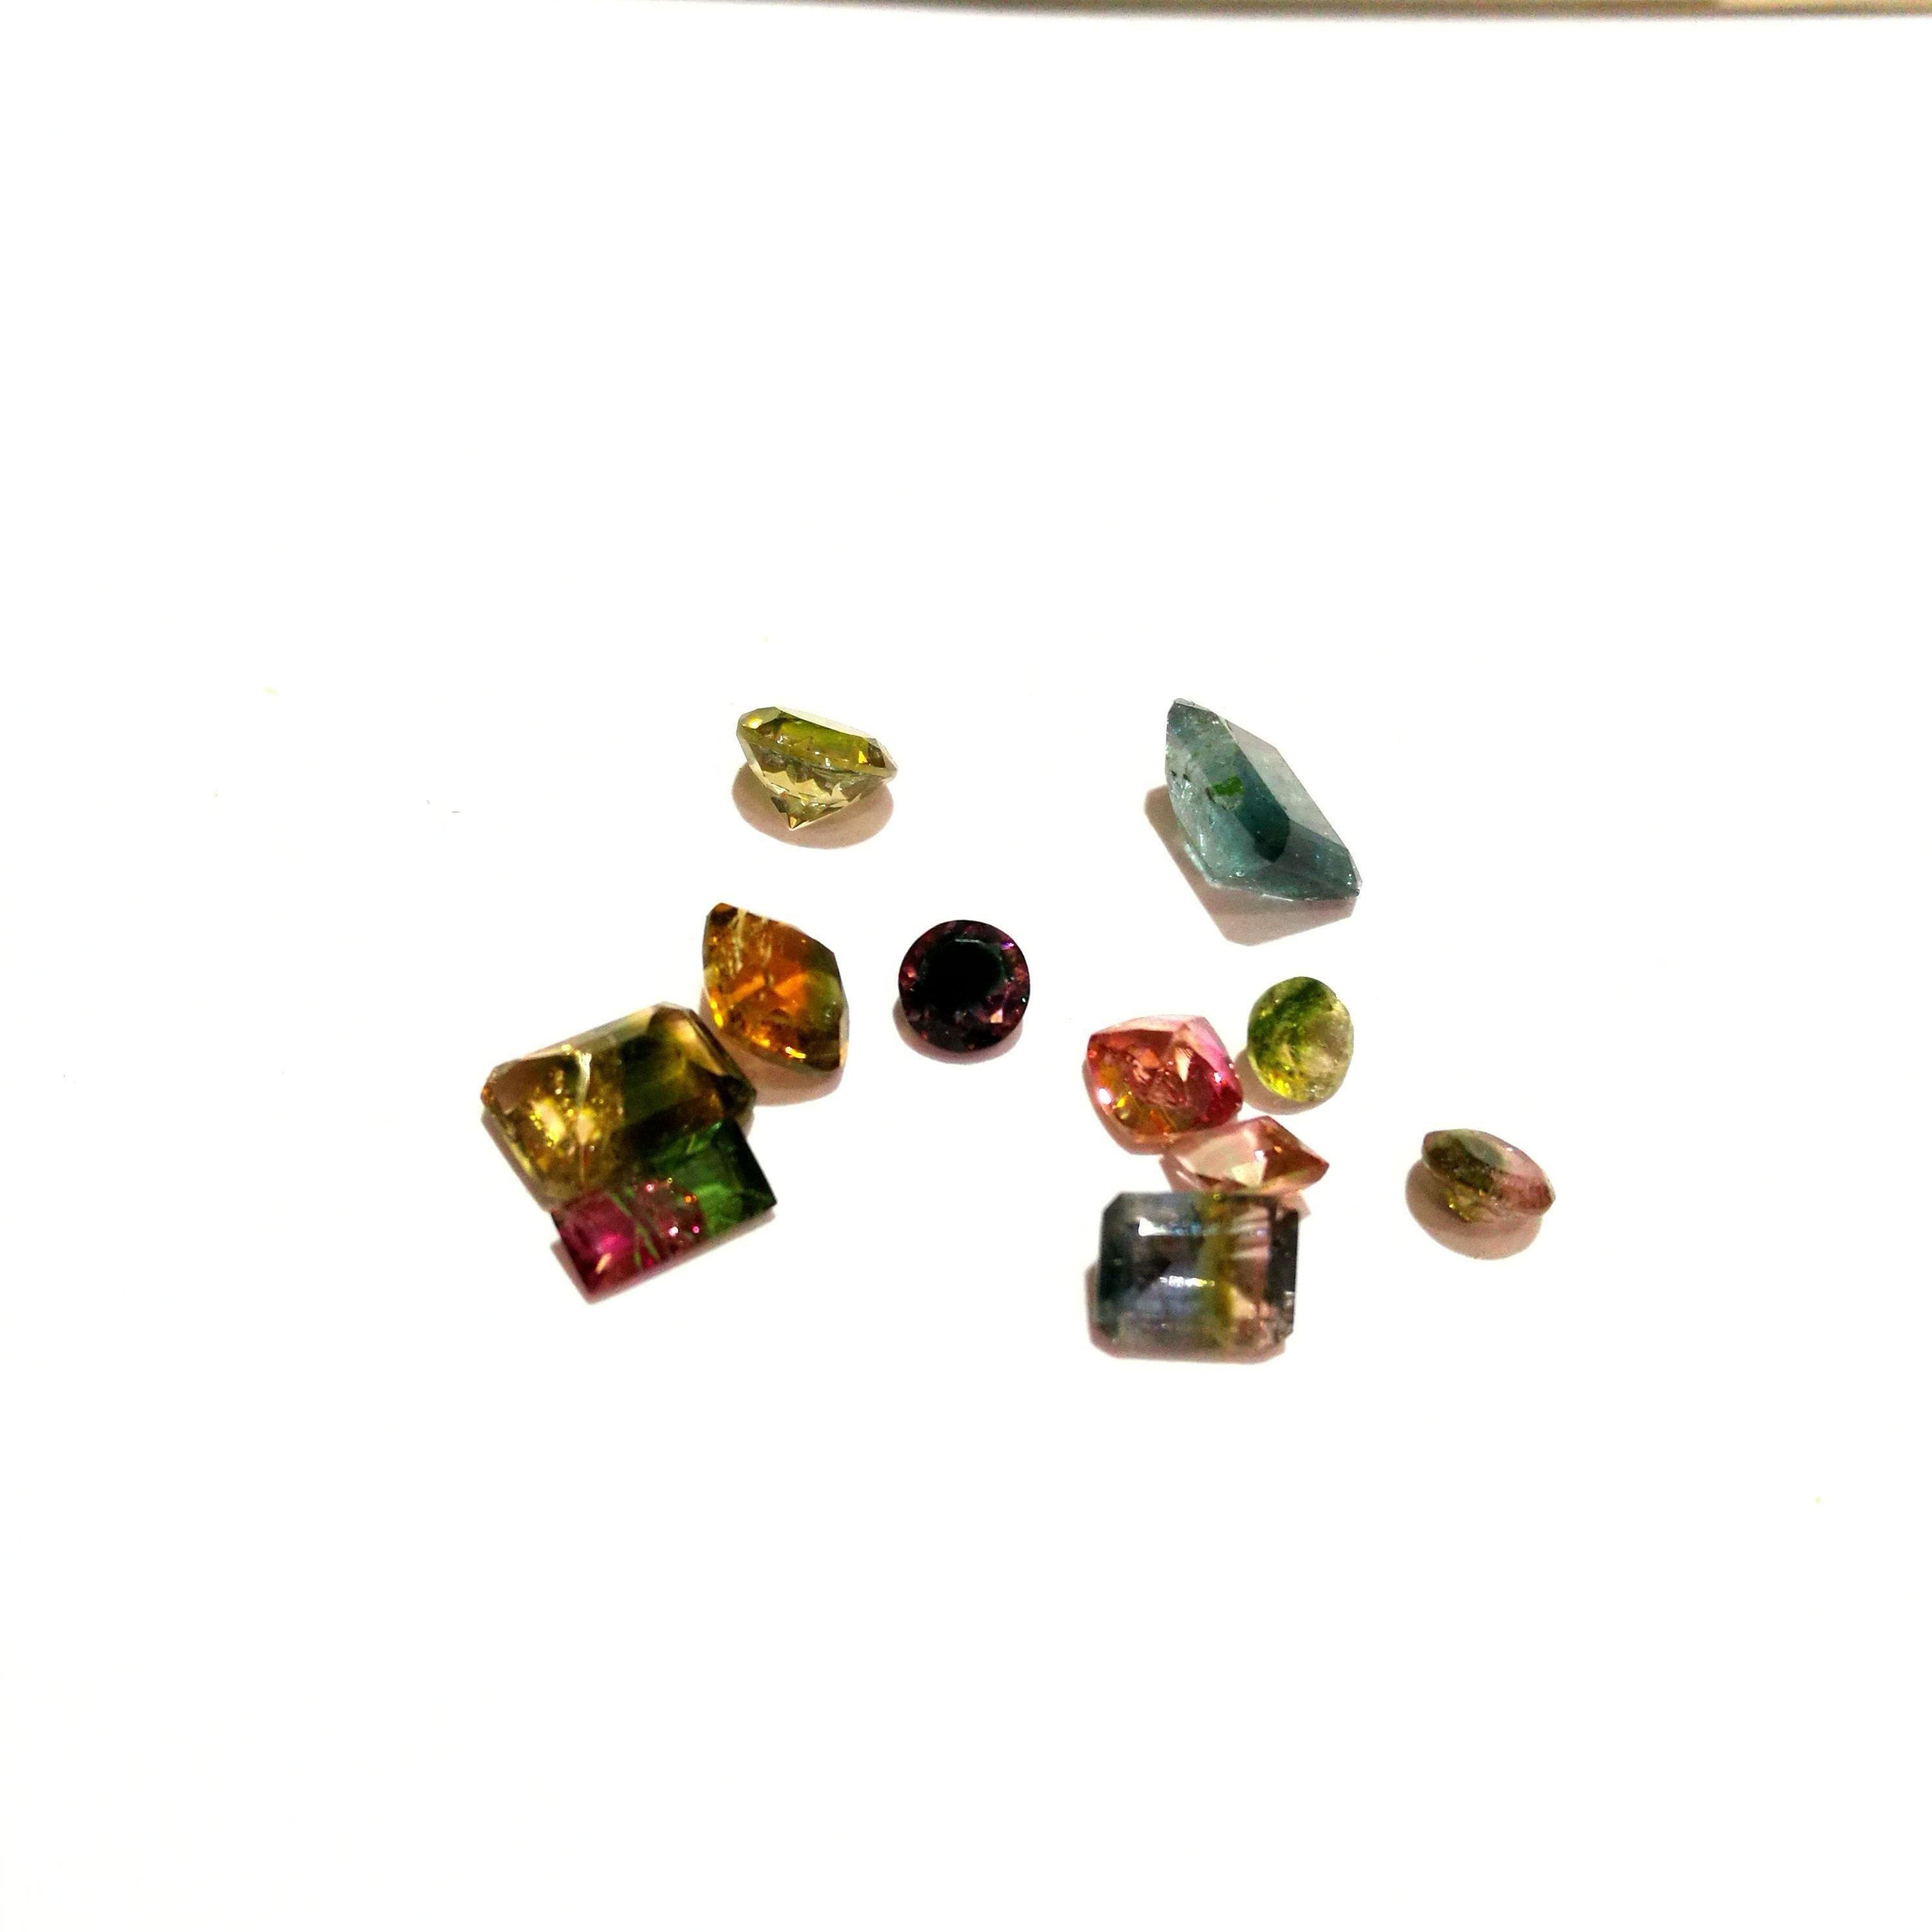 d1ac53379580 Bio naturel Tourmaline pierres précieuses en vrac pour pour vrac bijoux  taille (environ) 4